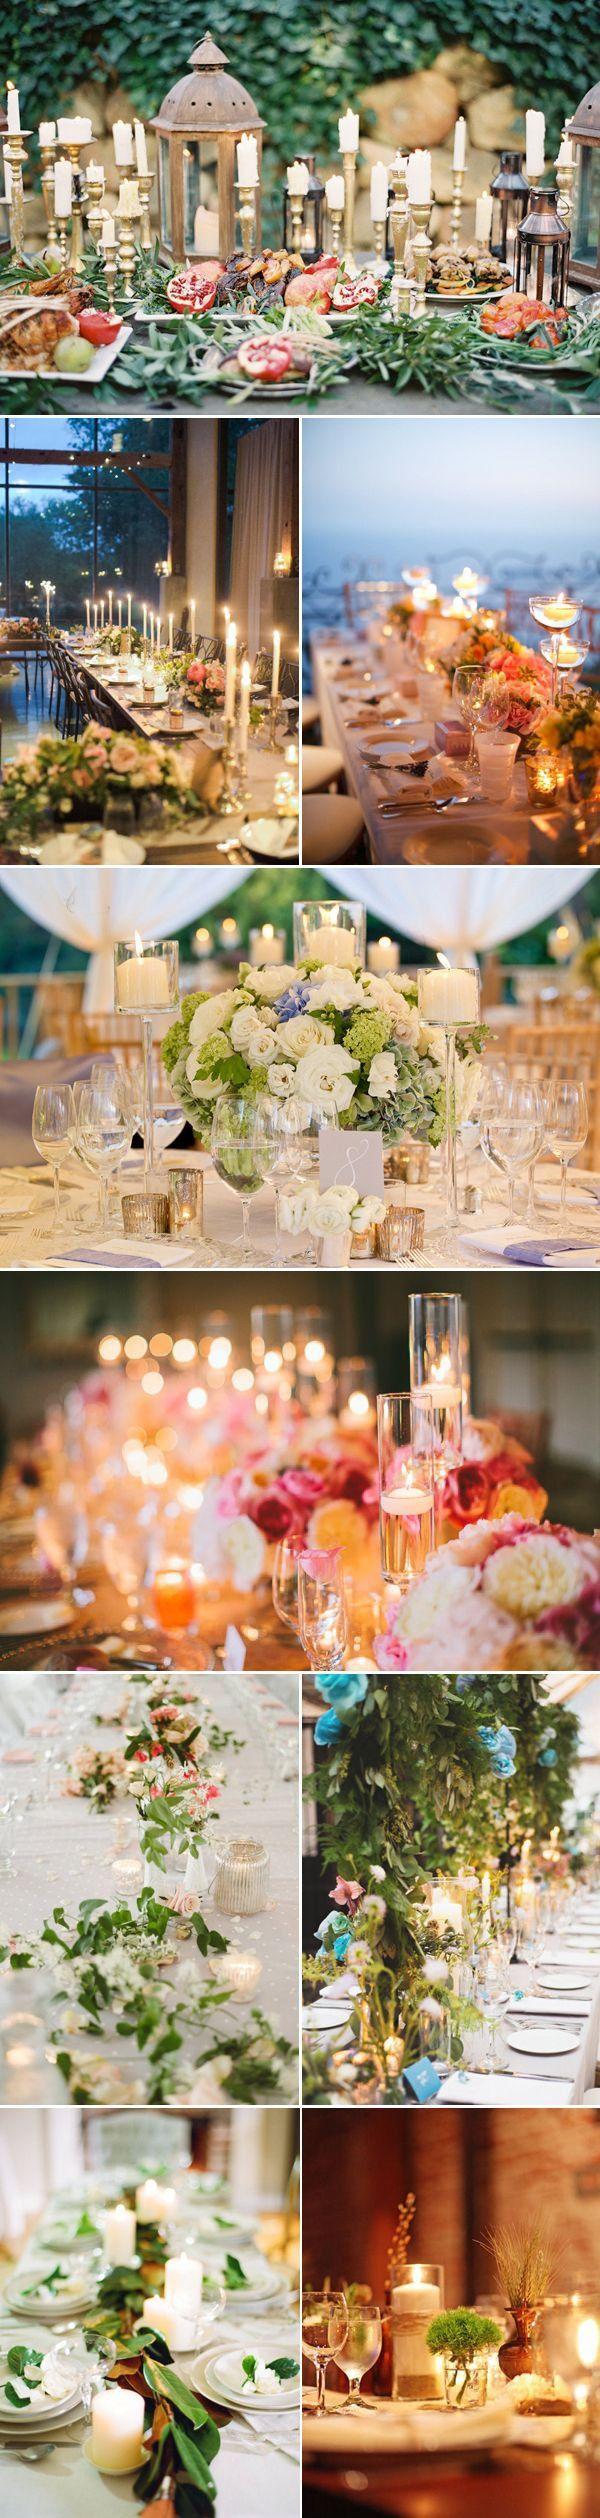 9 pomysłów na dekoracje stołu weselnego!